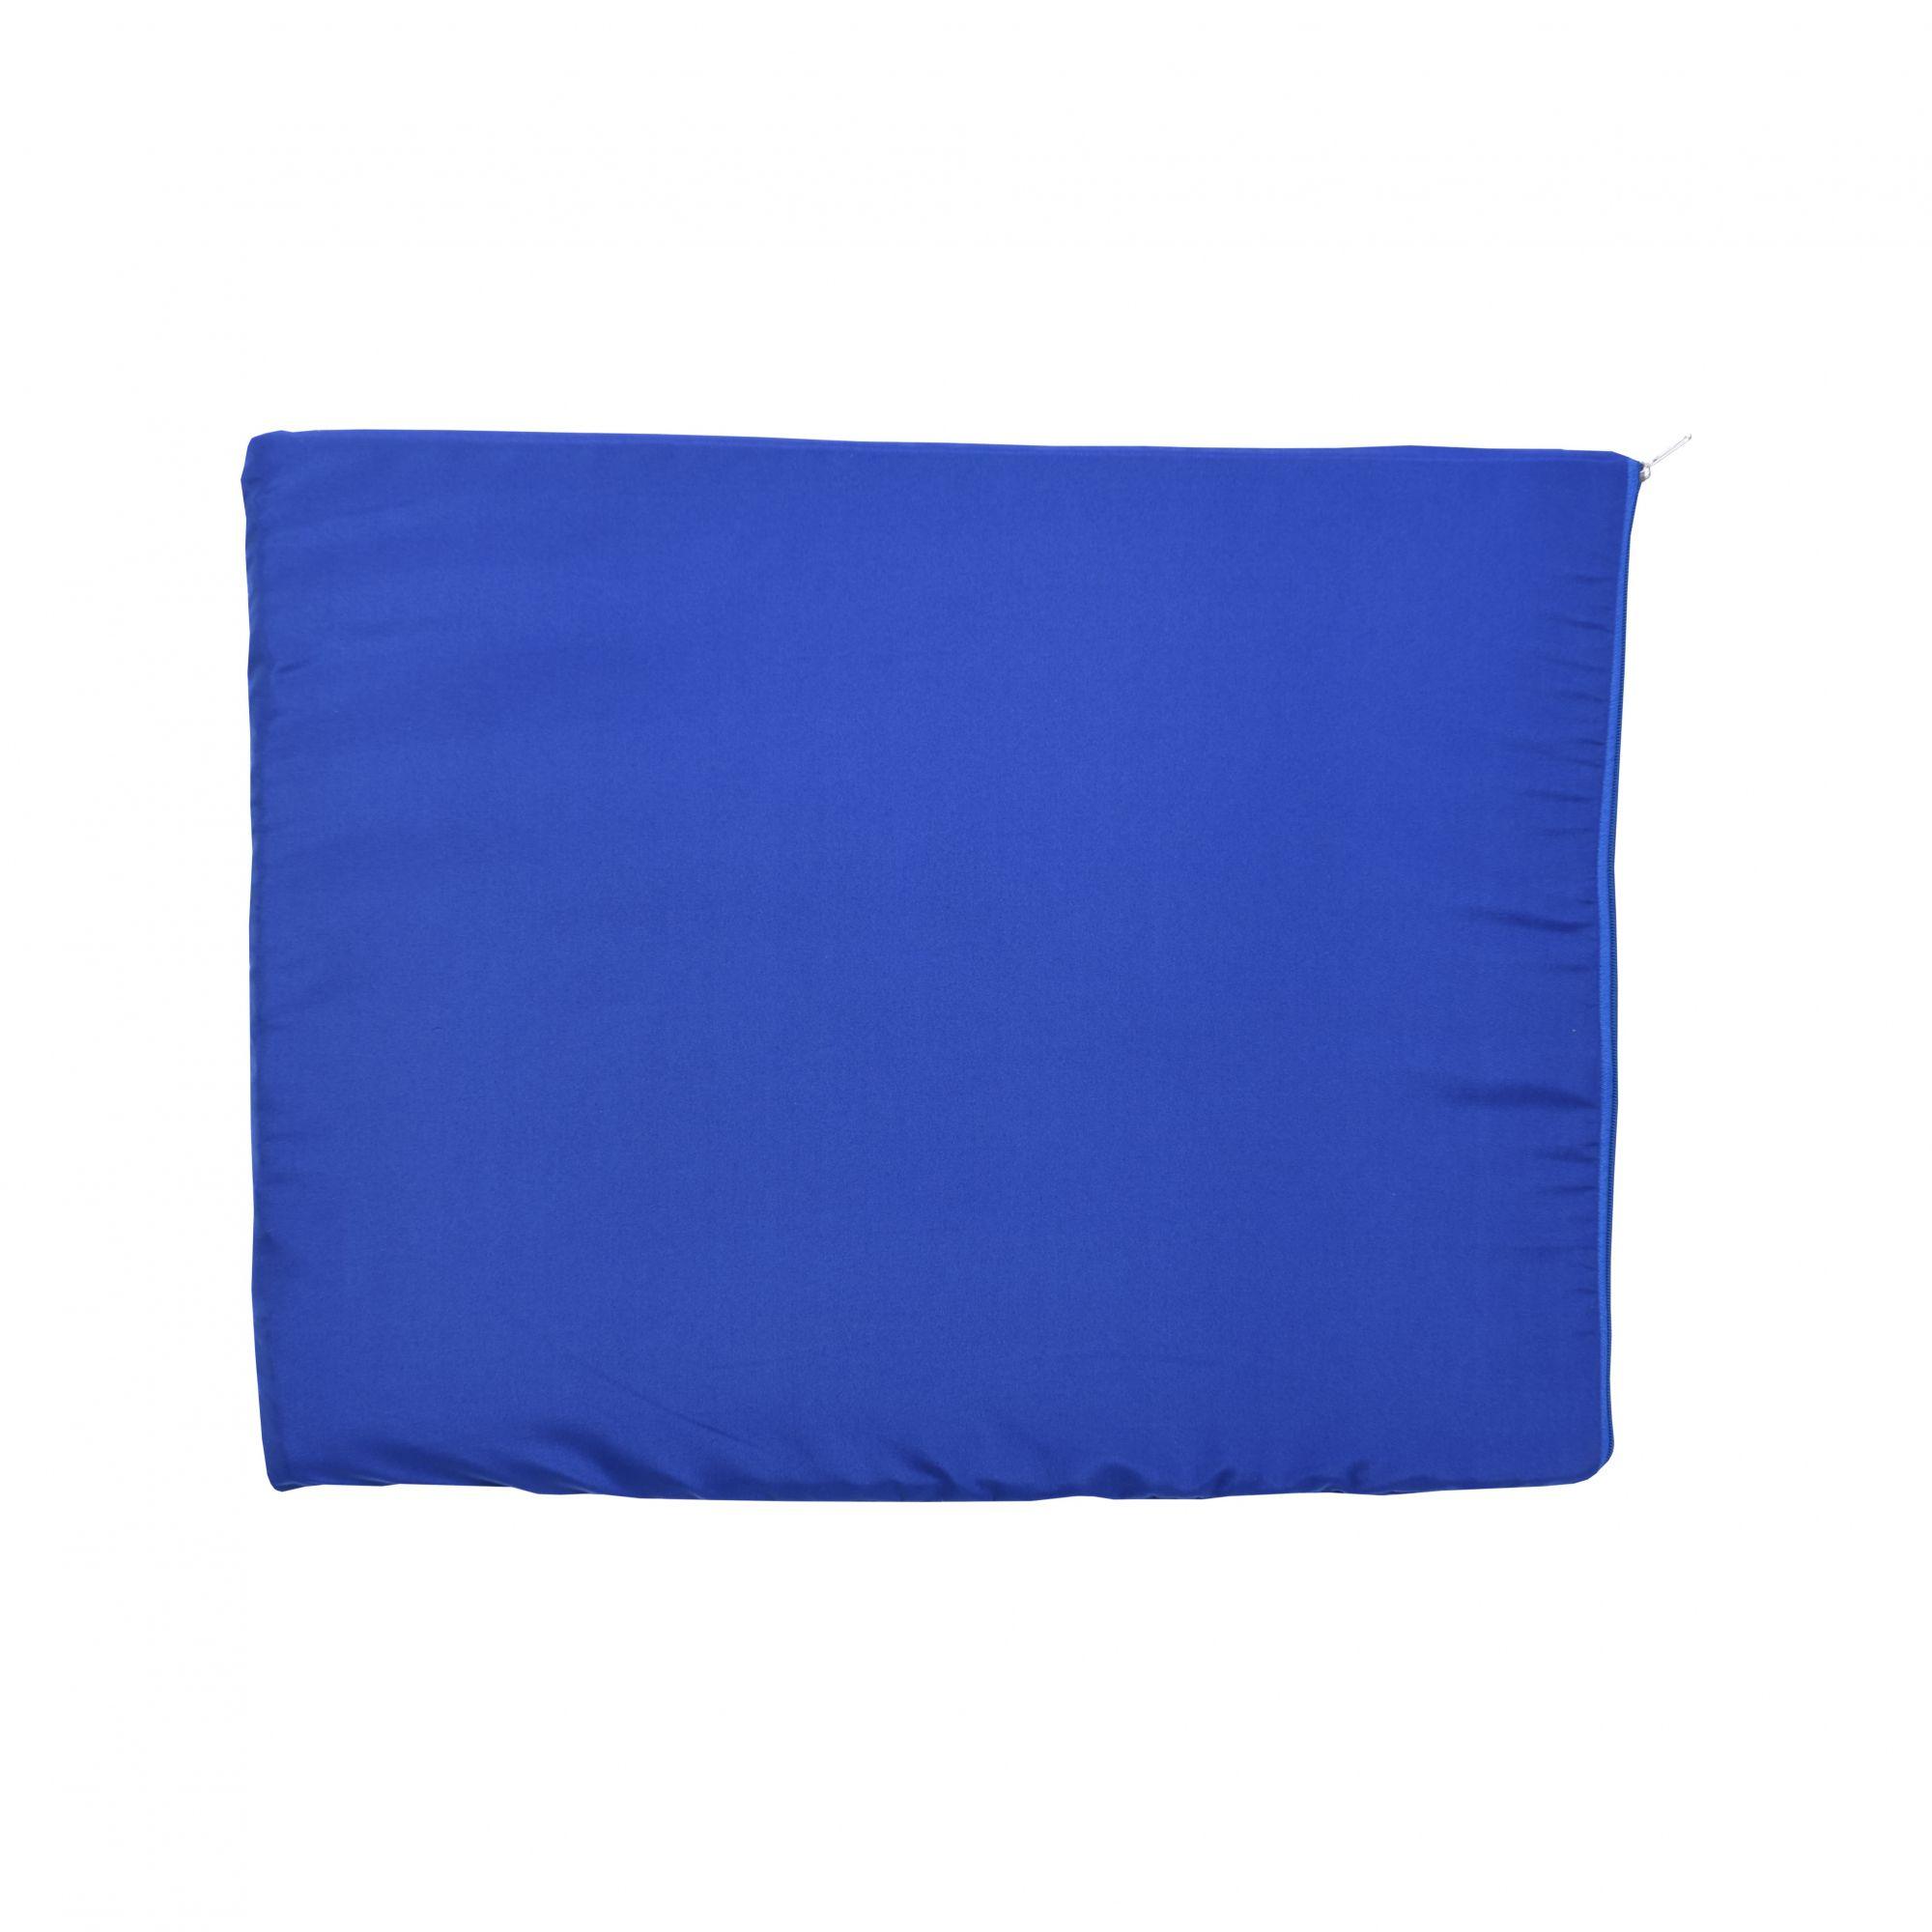 Kit Casinha Madeira 06 com Colchonete Azul e placa de nome